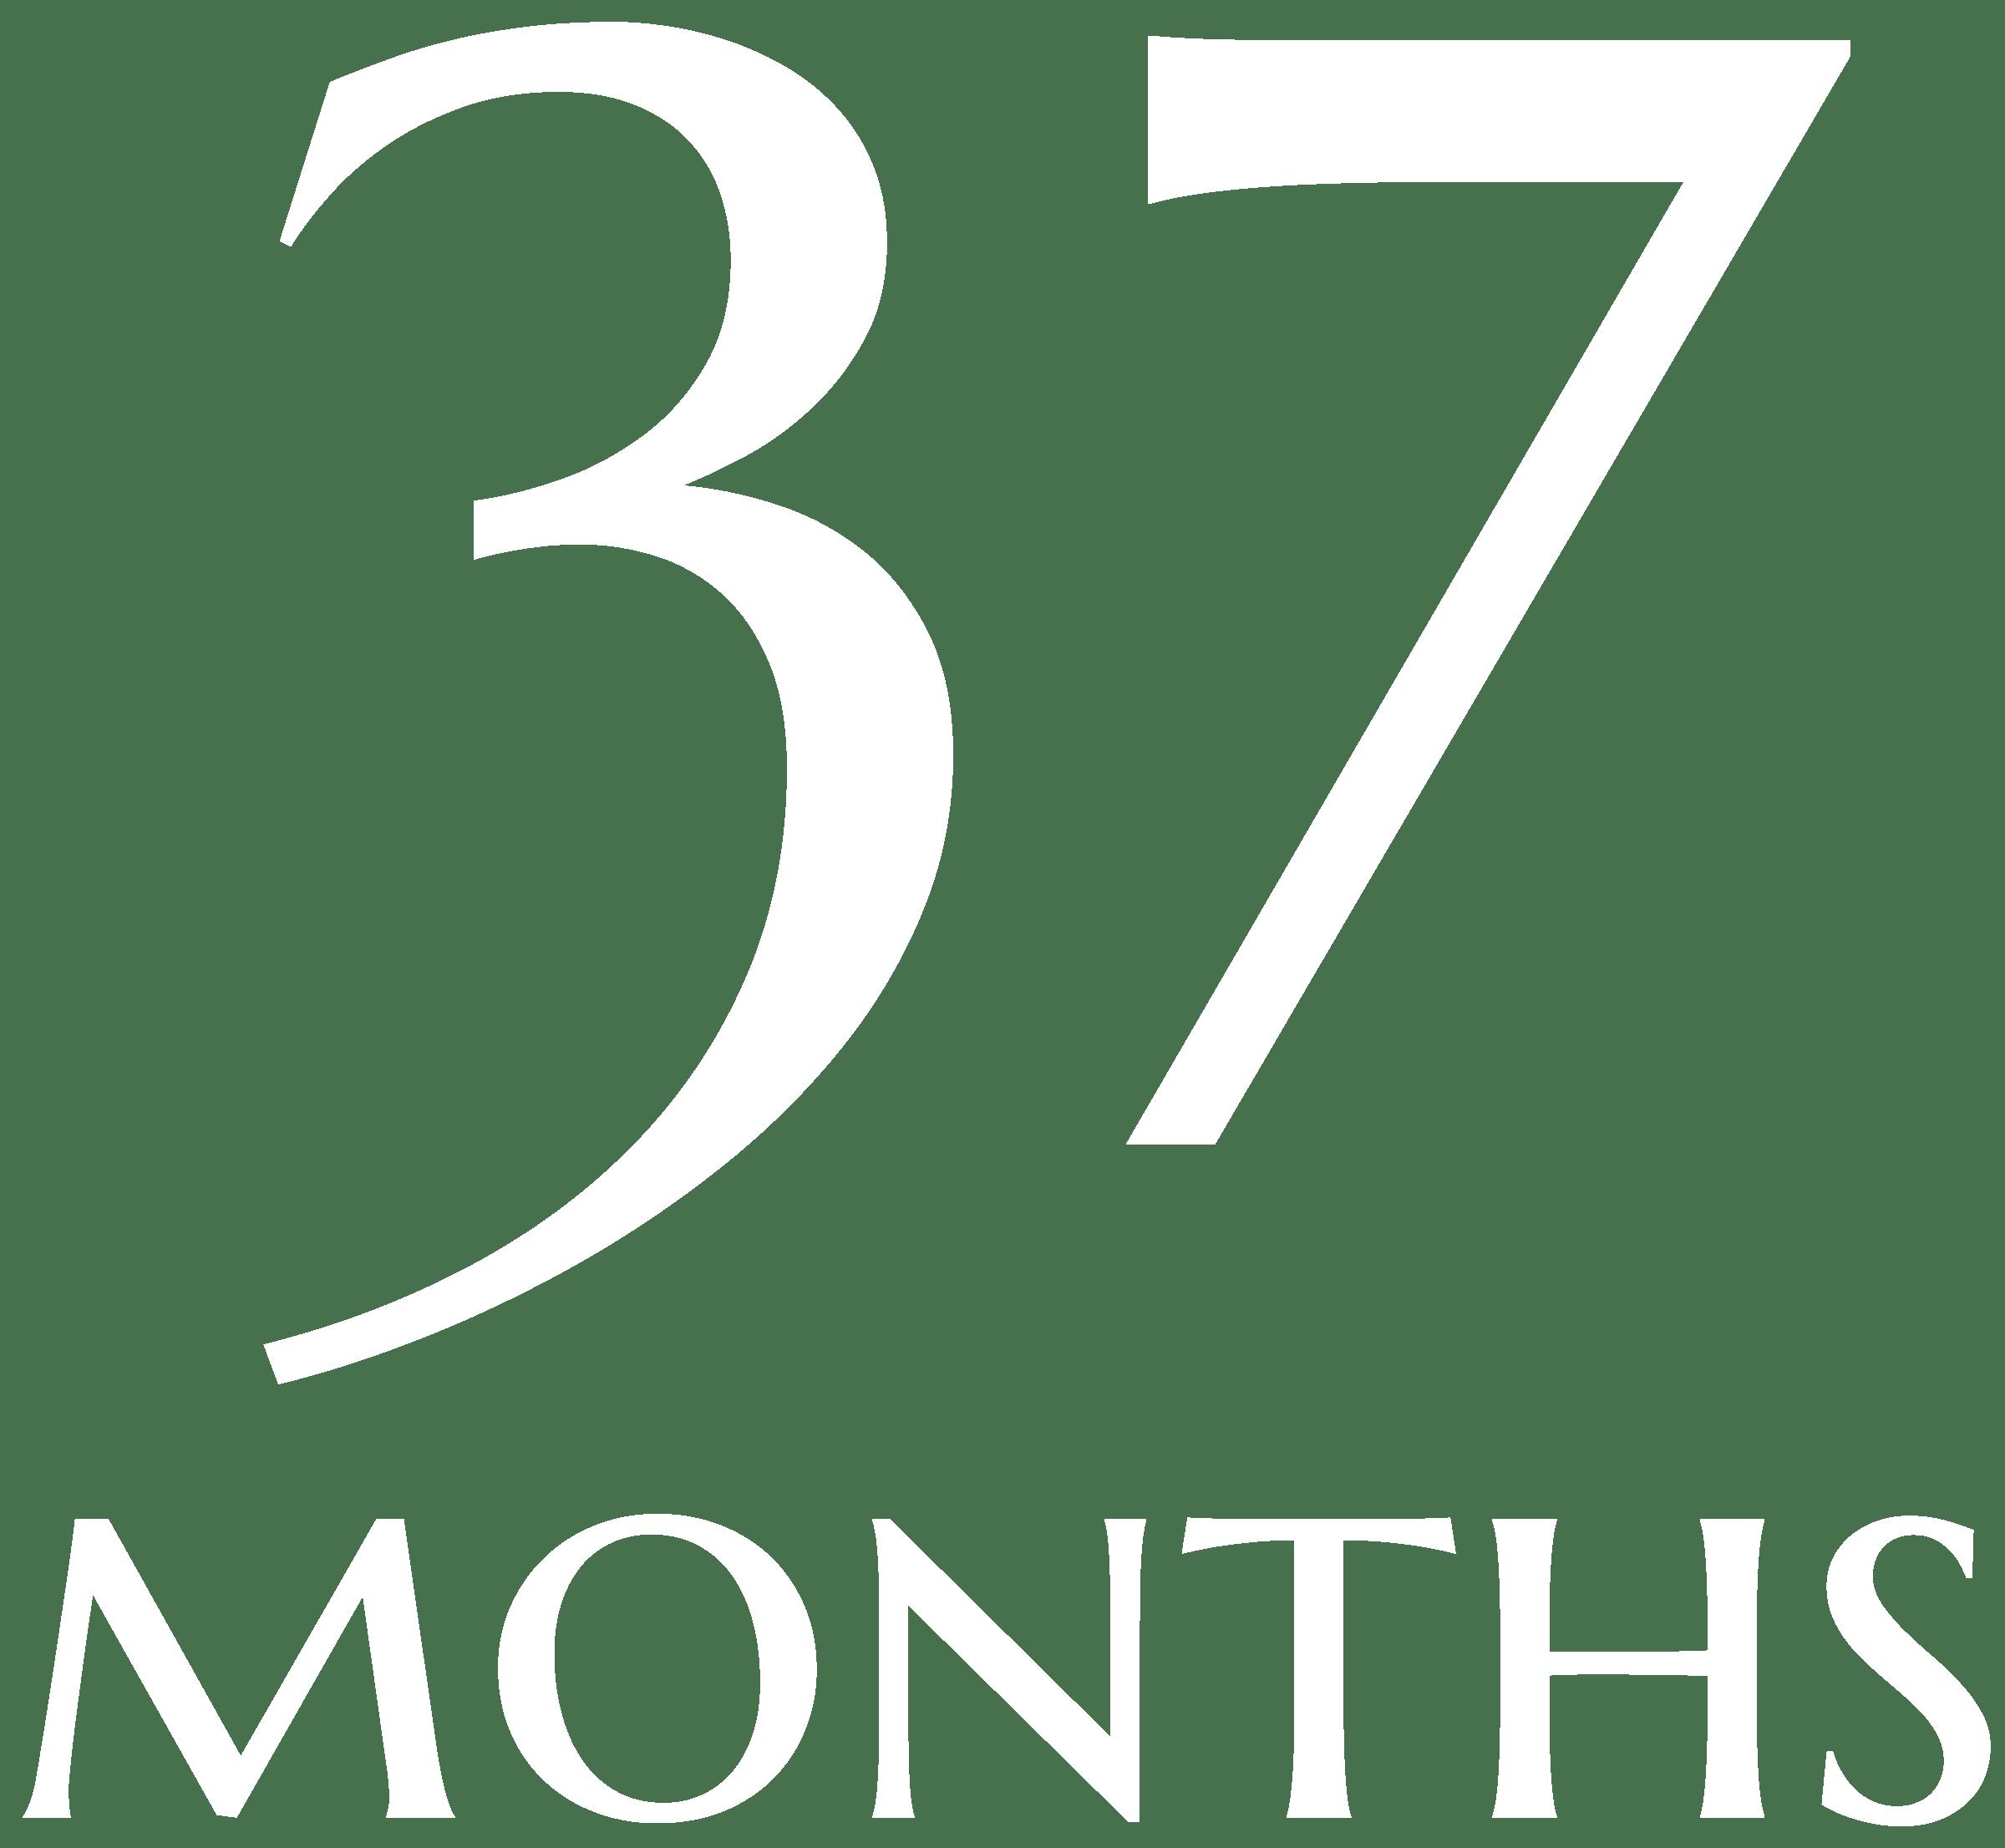 37 months